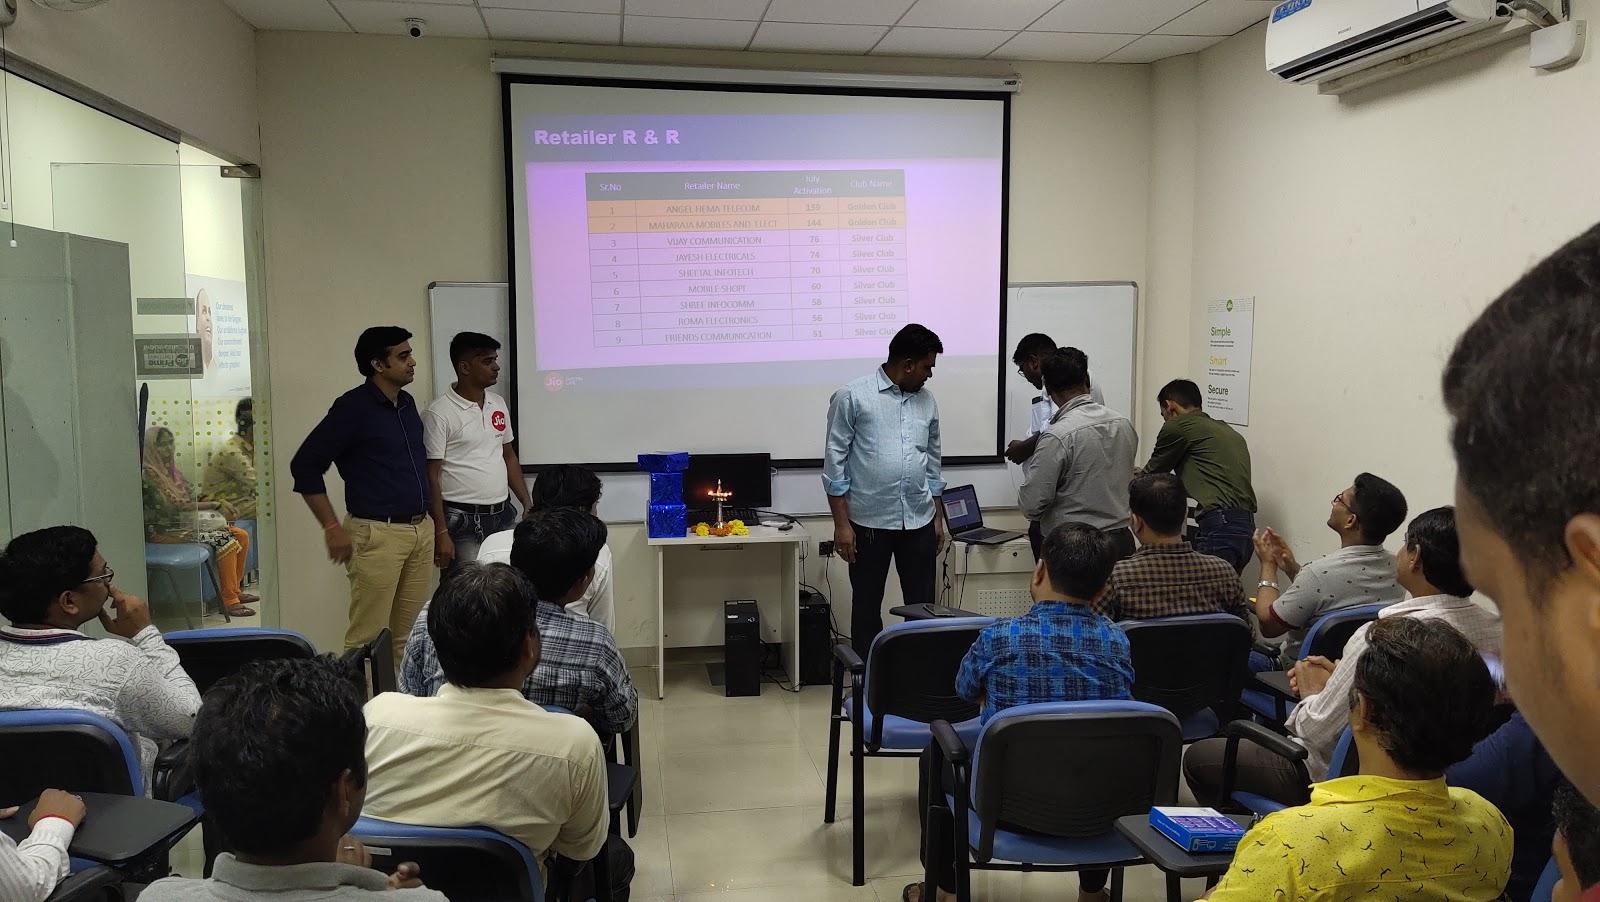 Jio Service Center - Gama Compund, Bhandup, Mumbai